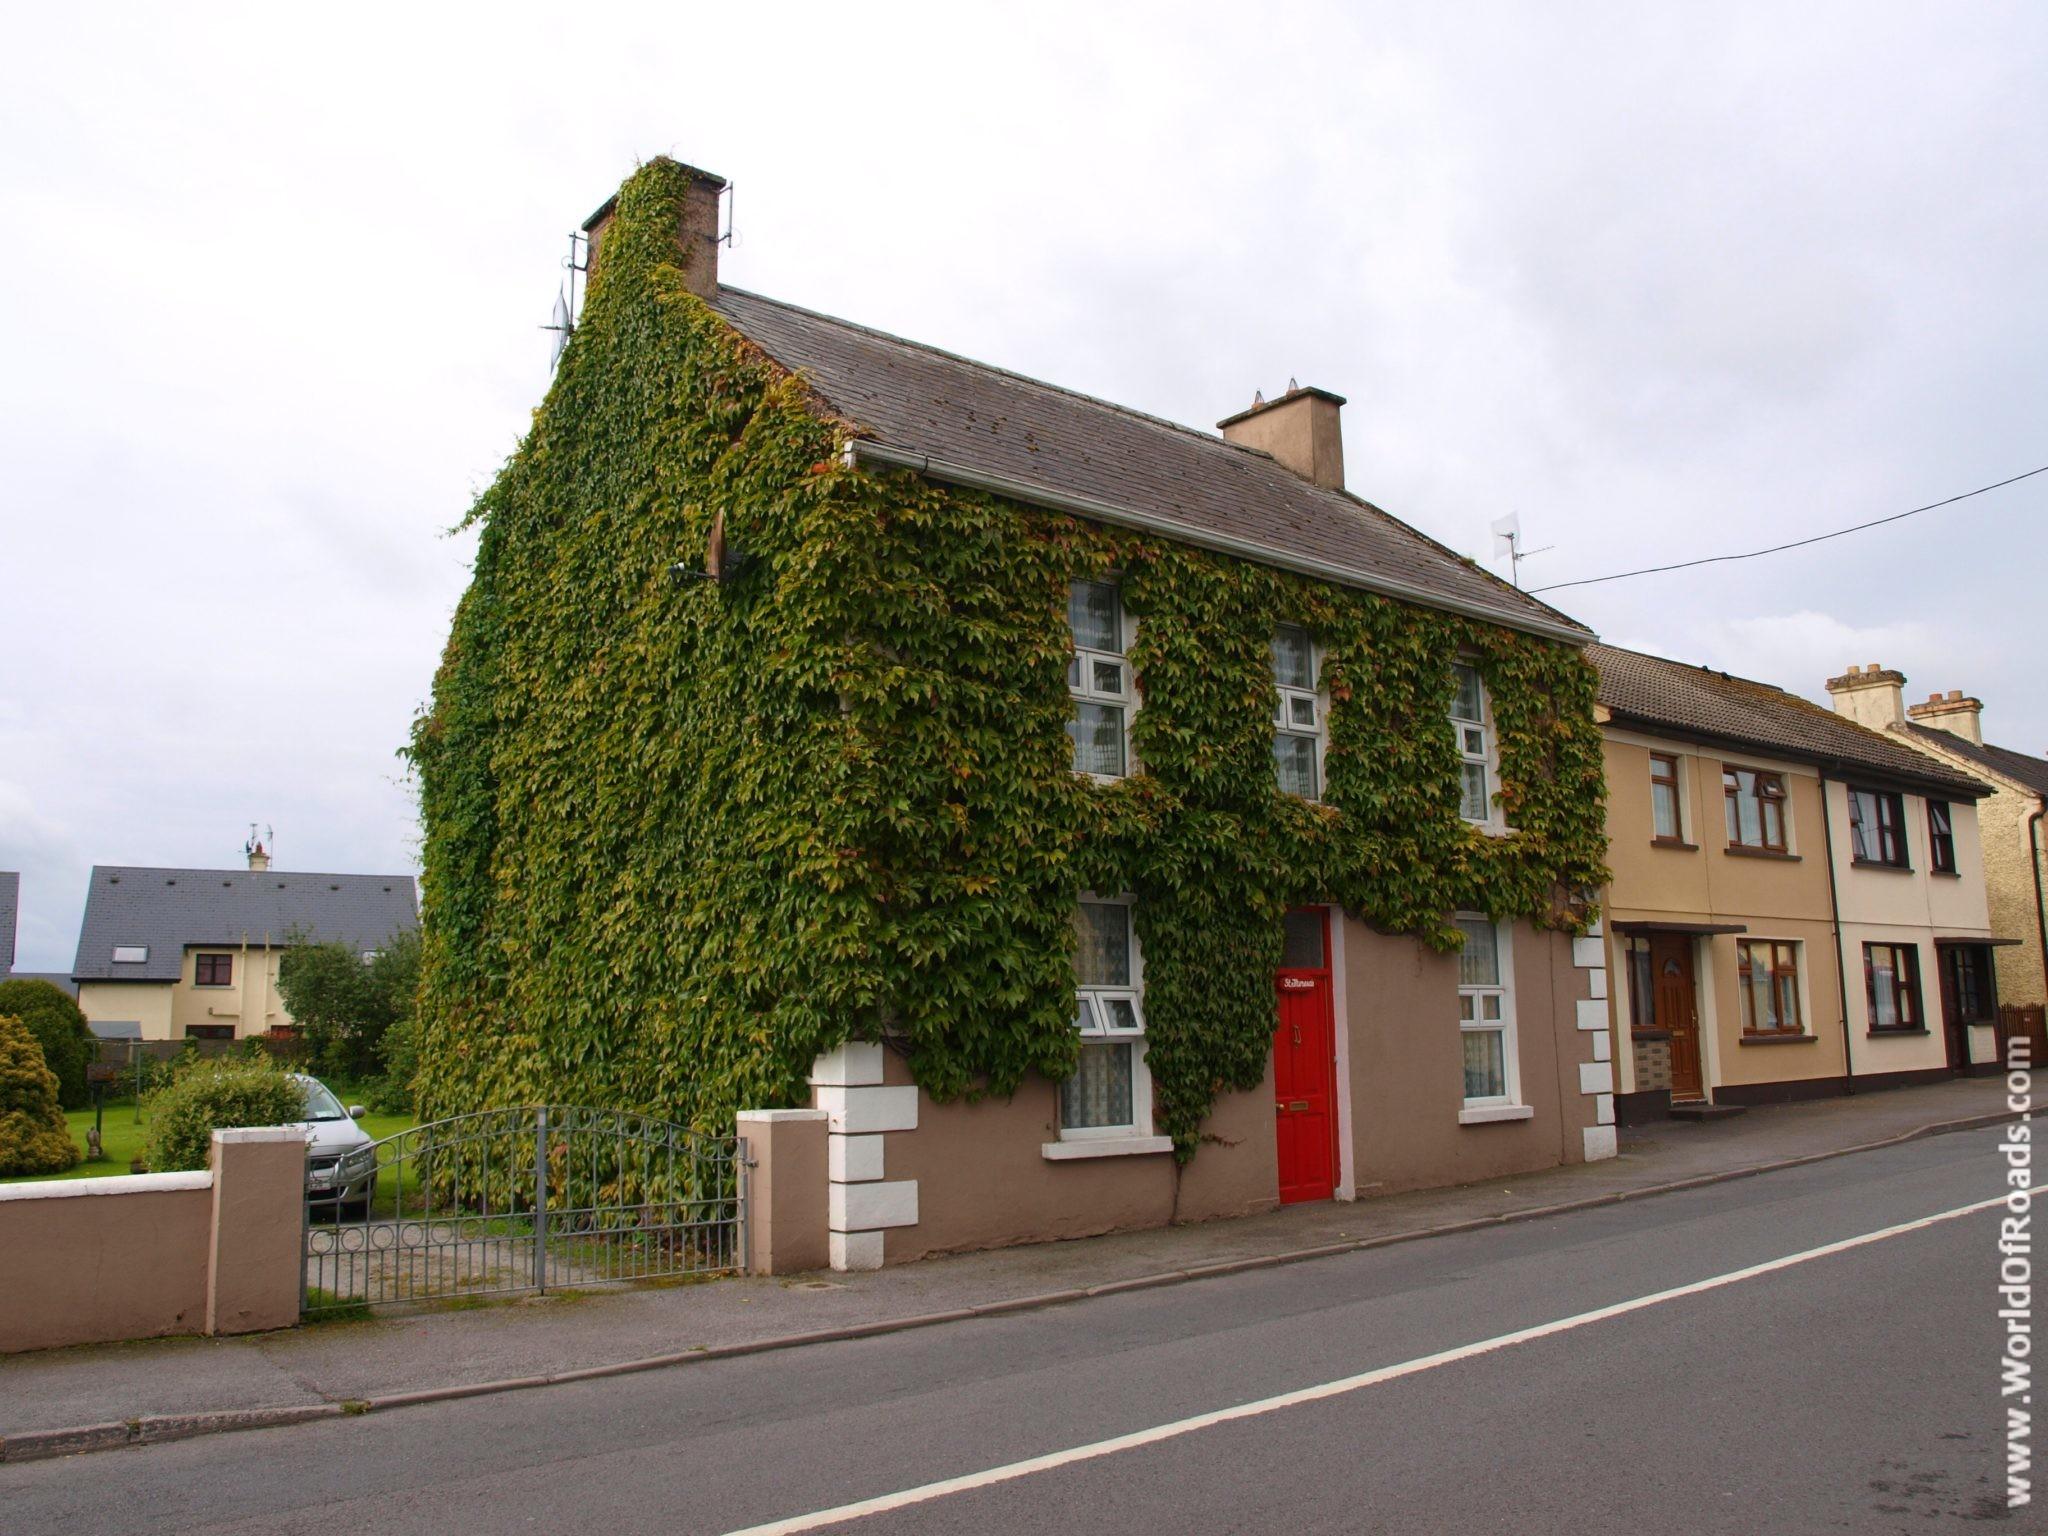 Квин. Клэр, Ирландия.